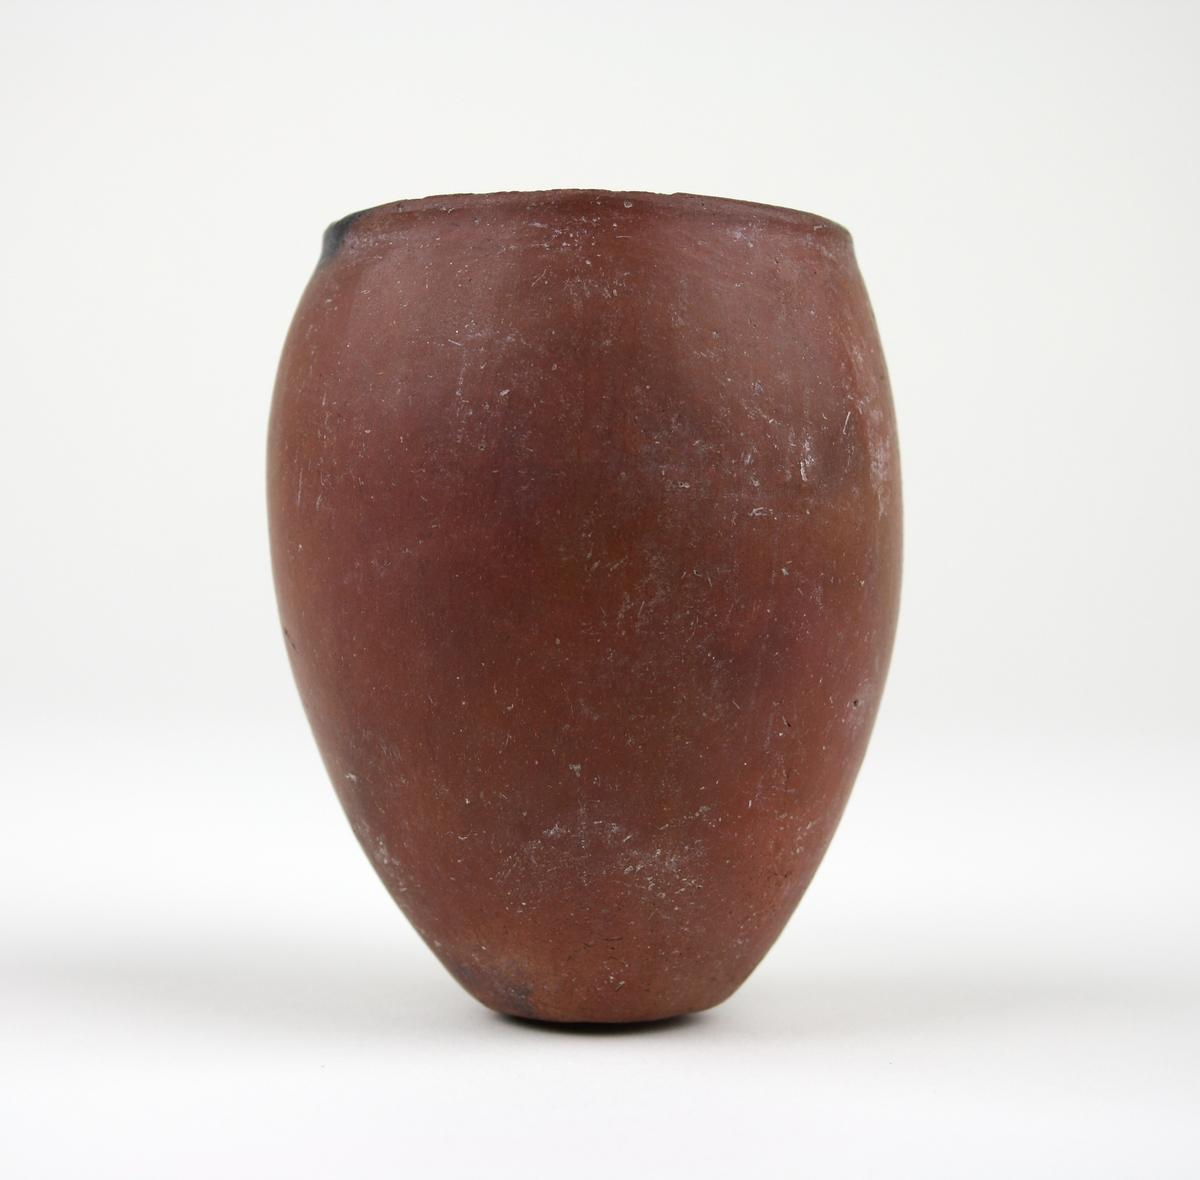 """""""114. Svartrandat kärl. Keramik, höjd 8,5 cm. Förhistorisk tid (Negadeh I och II = före 3000 f. Kr.). Det är främst i Övre Egypten som man hittills funnit dessa svartrandade kärl som är utmärkande för stenkopparålderns senare del. Men även i Nubien och Sudan förekommer svartrandad vara, ofta av yngre datum än den inhemska, egyptiska. Stundom kan det vara svårt att enbart med hjälp av formen avgöra vilket ursprung en svartrandad vas eller skål kan ha.""""  Smithska samlingen av Egyptiska fornsaker i Östergötlands och Linköpings stads museum av Gun Björkman, Meddelanden 1964-1965, s. 105. Mer info om """"Keramik"""" på s. 104."""